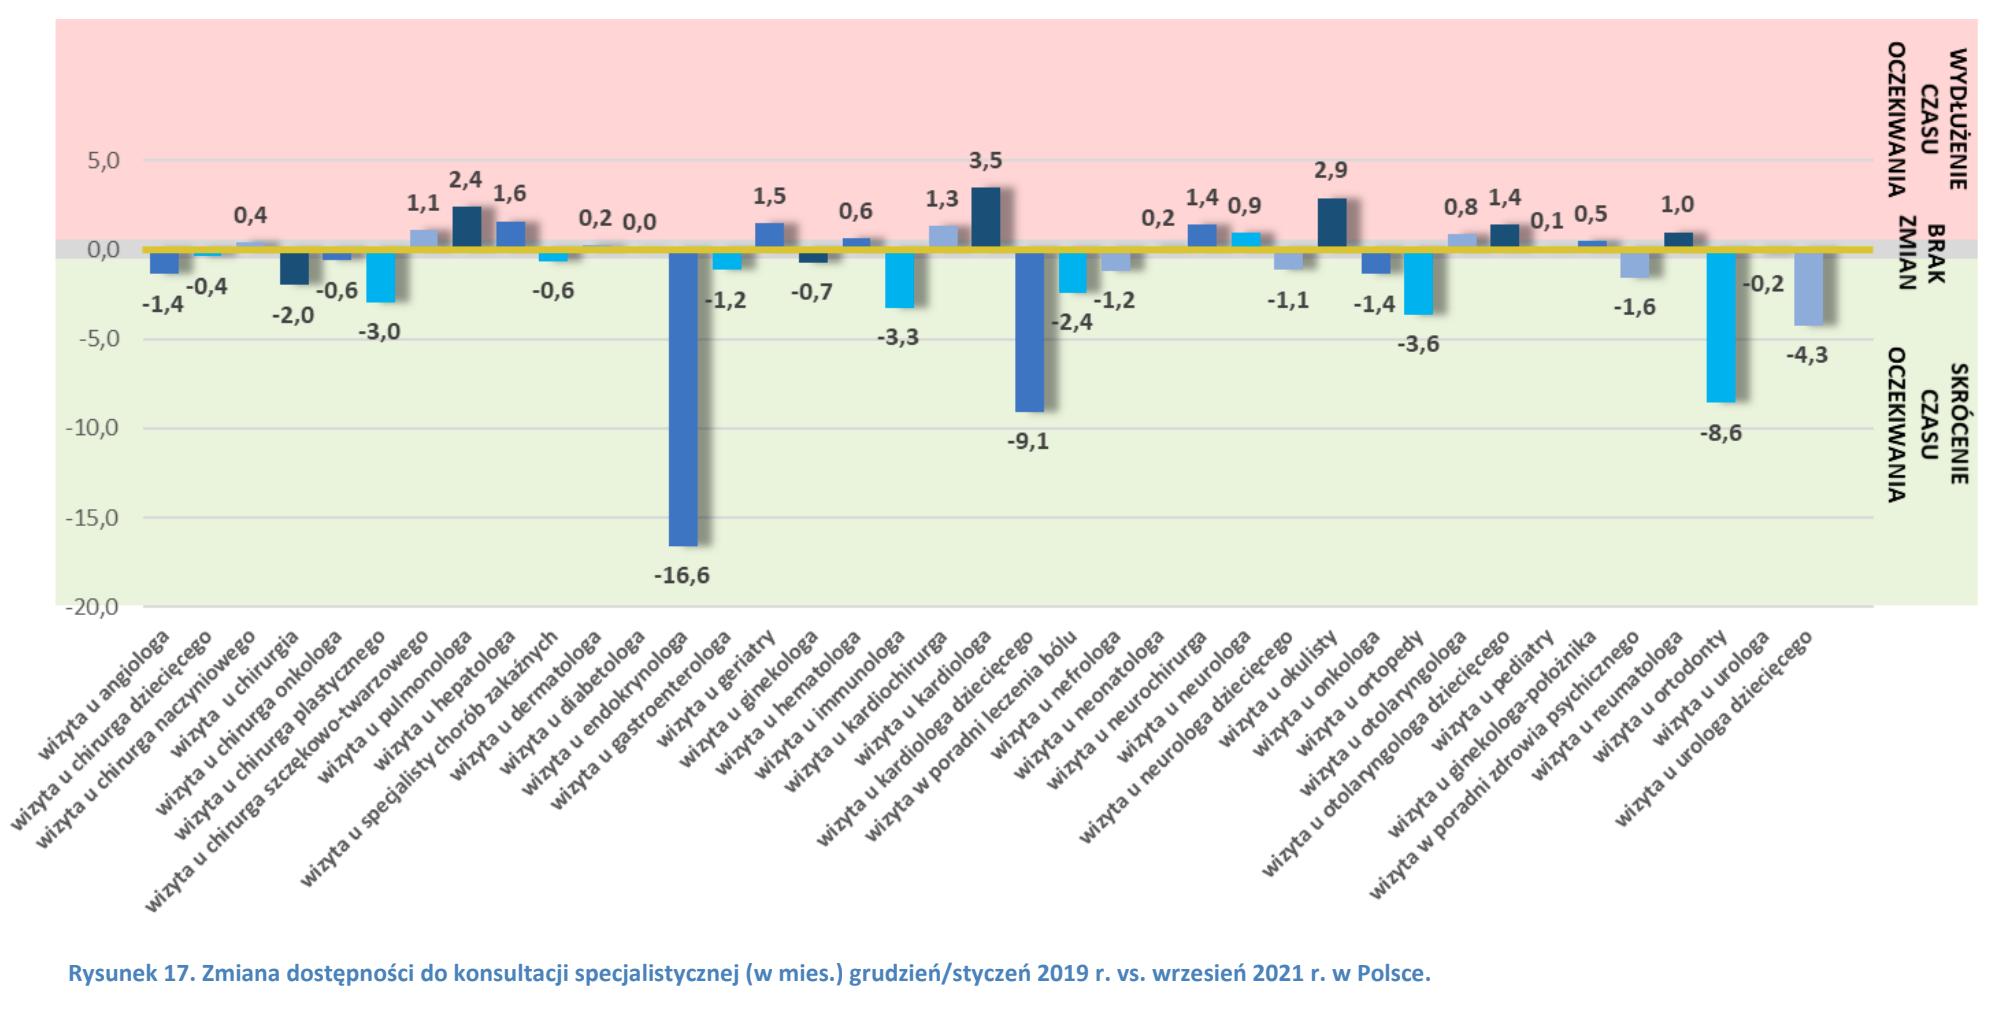 Zmiana średniego czasu oczekiwania do specjalisty w poszczególnych specjalizacjach pomiędzy styczniem 2019 a wrześniem 2021